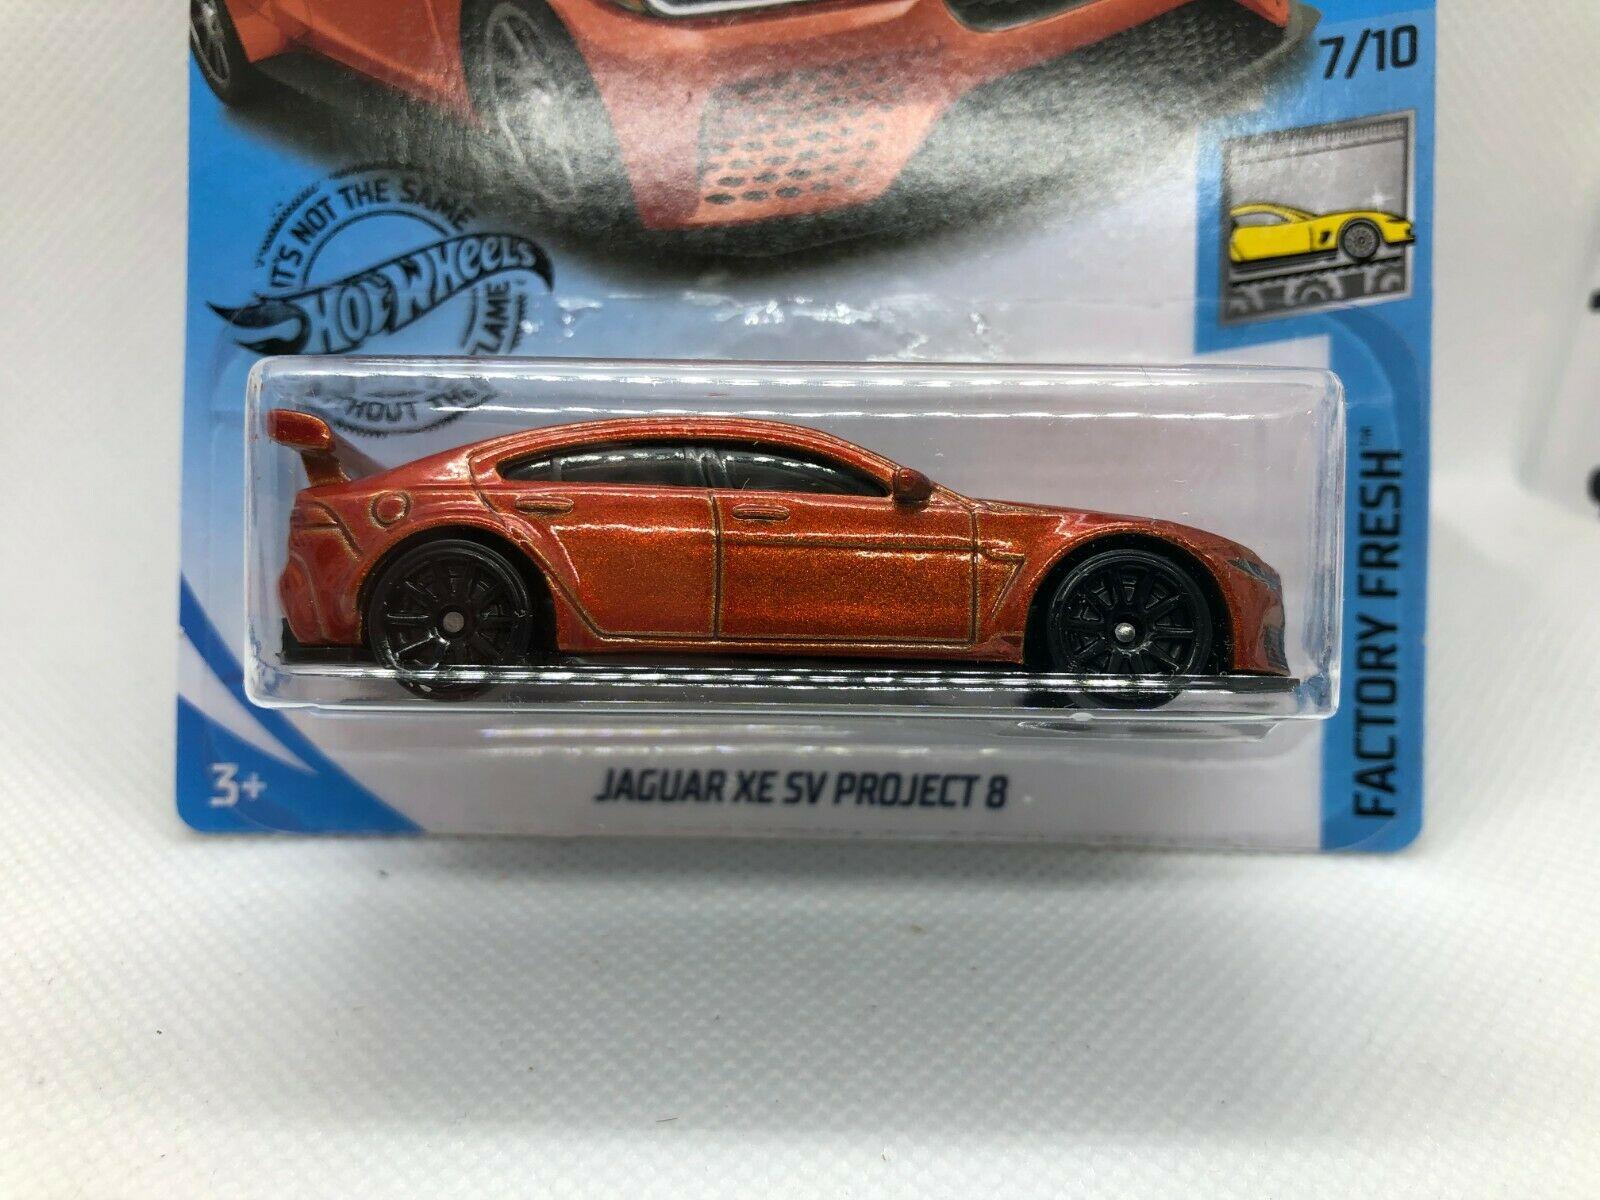 Jaguar XE SV Project 8